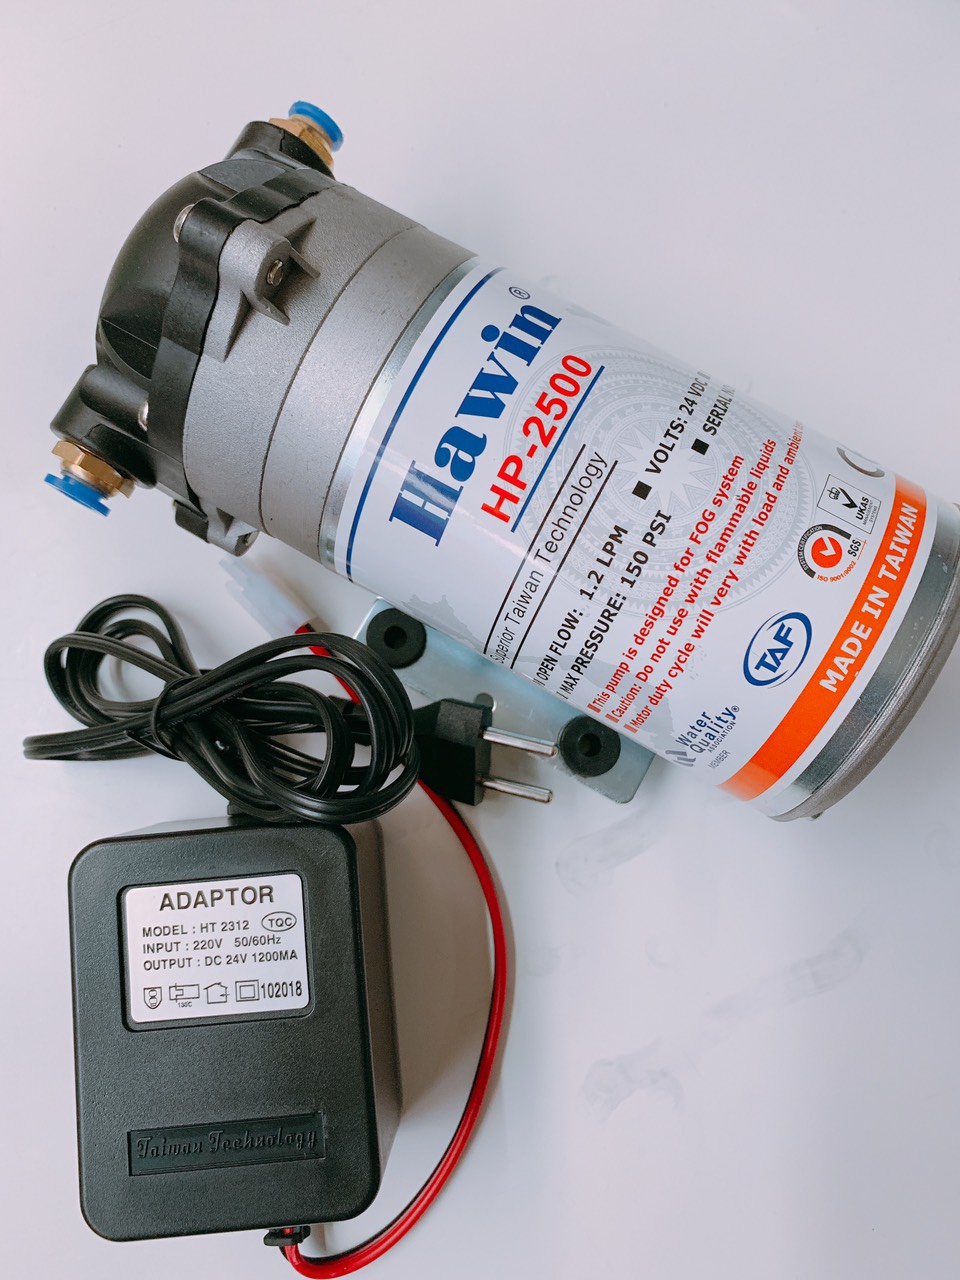 Máy bơm phun sương mini 24V kèm nguồn Adaptor 24V (chạy 20 đầu béc phun sương )